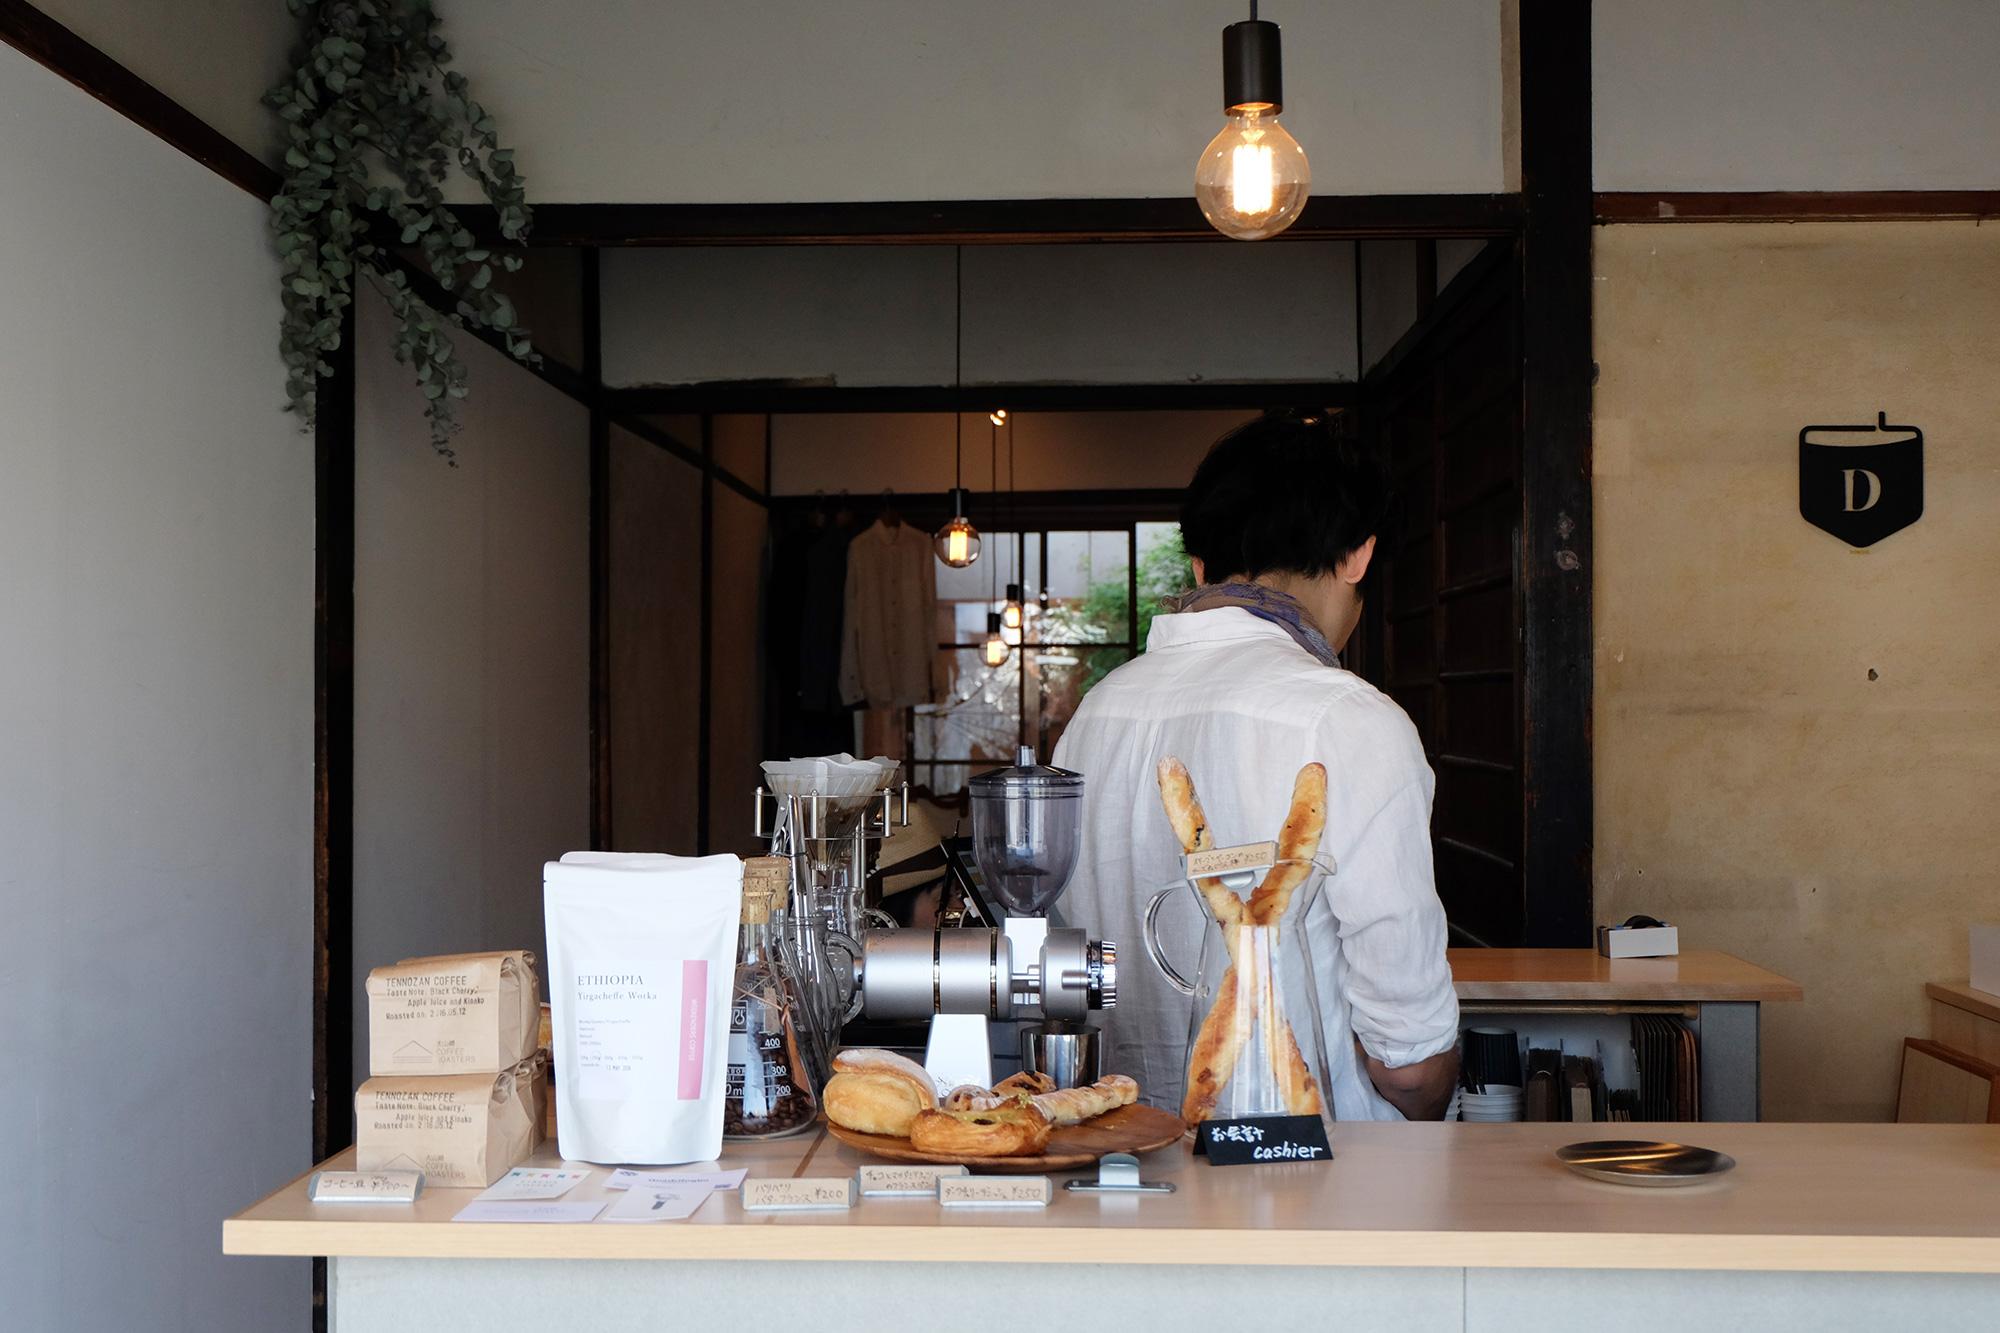 【京都】何度でも行きたいおすすめカフェ・コーヒースタンド Dongree コーヒースタンドと暮らしの道具店